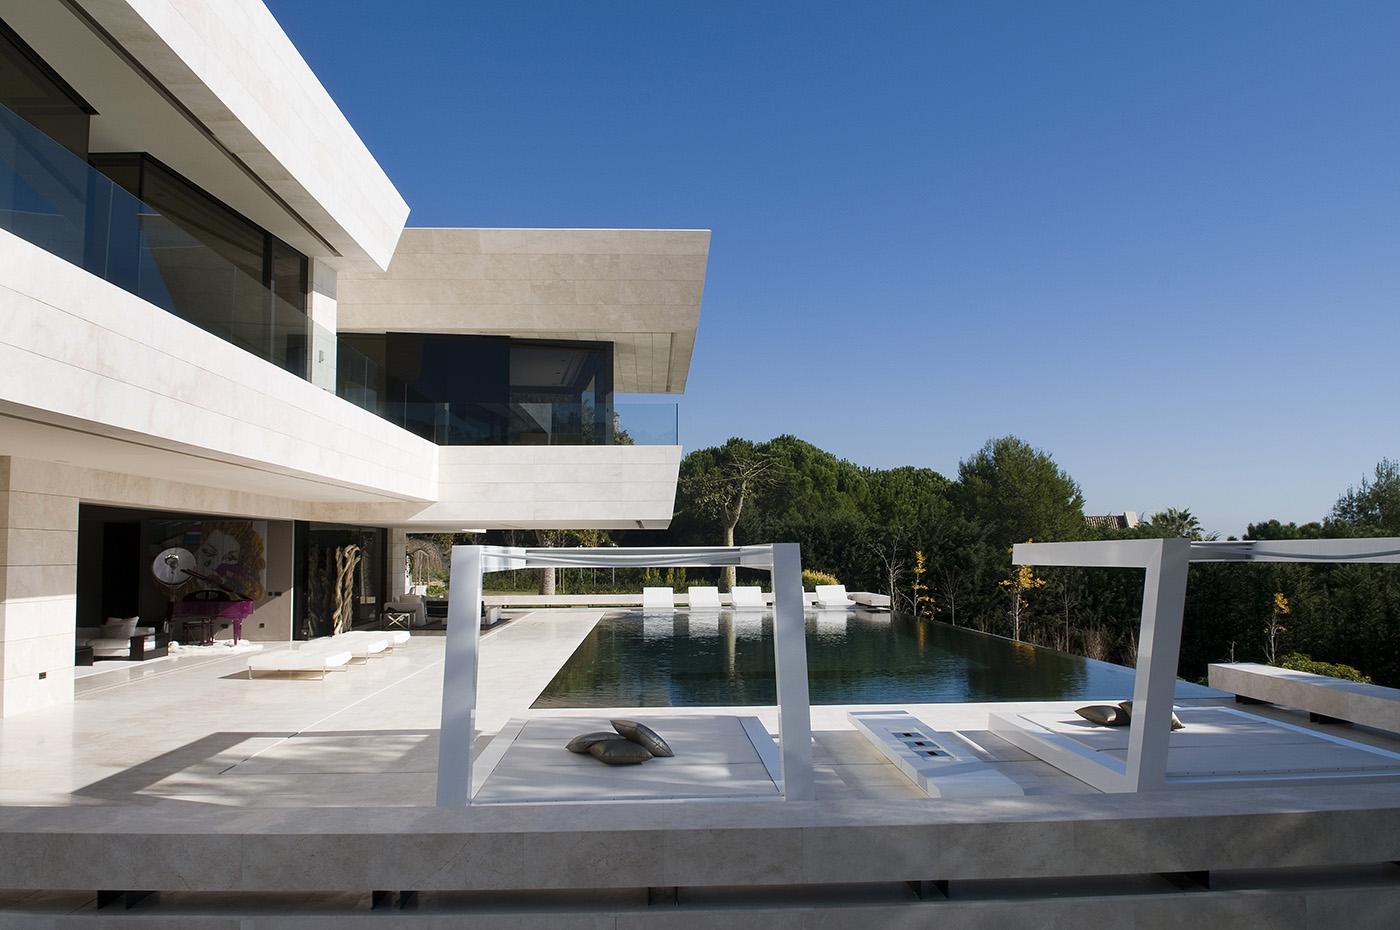 Arquitectura arquidea vivienda unifamiliar en marbella for Vivienda arquitectura